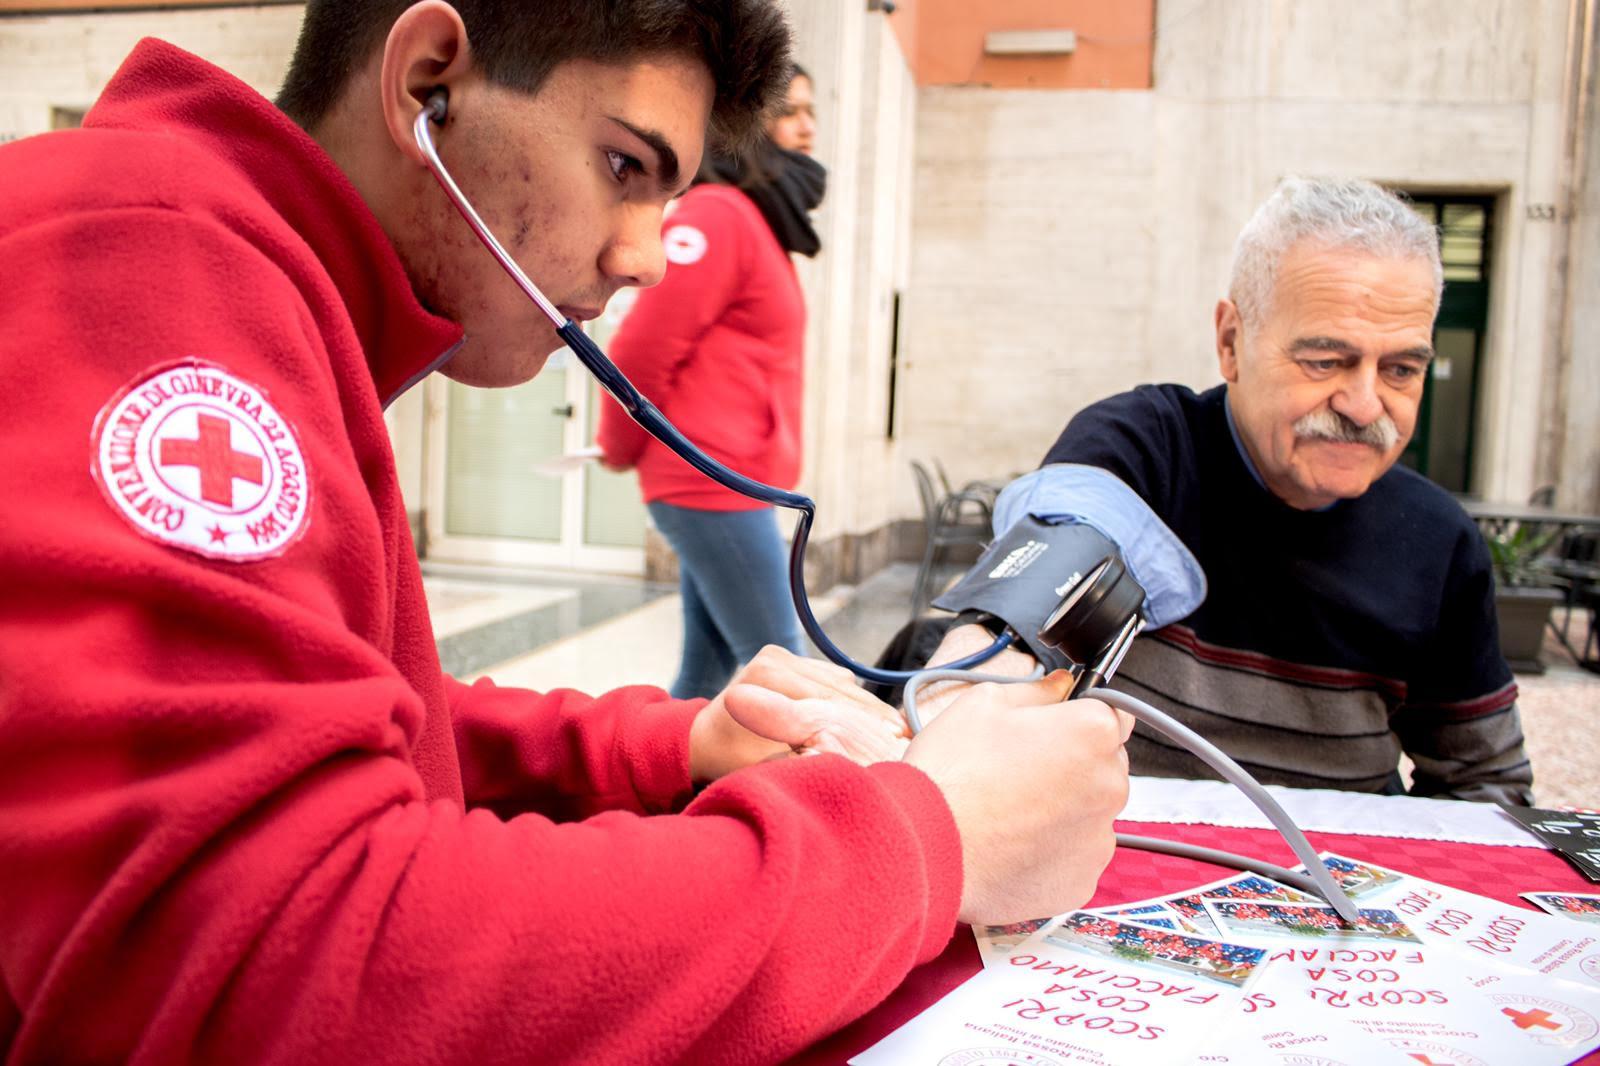 CRI Imola, al via SaluTEst: la campagna per promuovere stili di vita sani